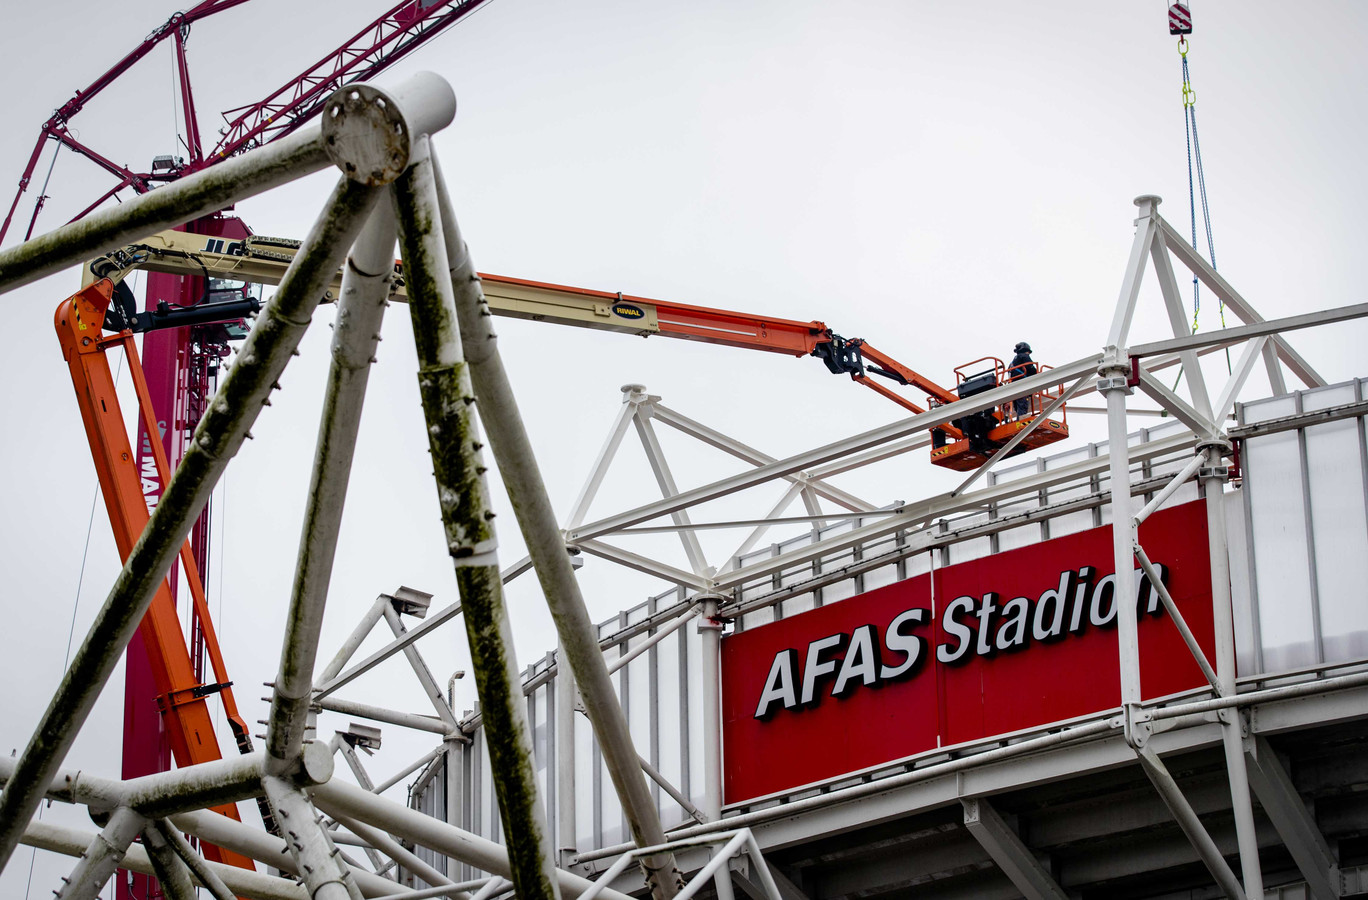 Werkzaamheden aan dak van het AFAS-stadion van AZ. Als de gemeente daartoe toestemming geeft, kan er weer gevoetbald worden in het stadion.